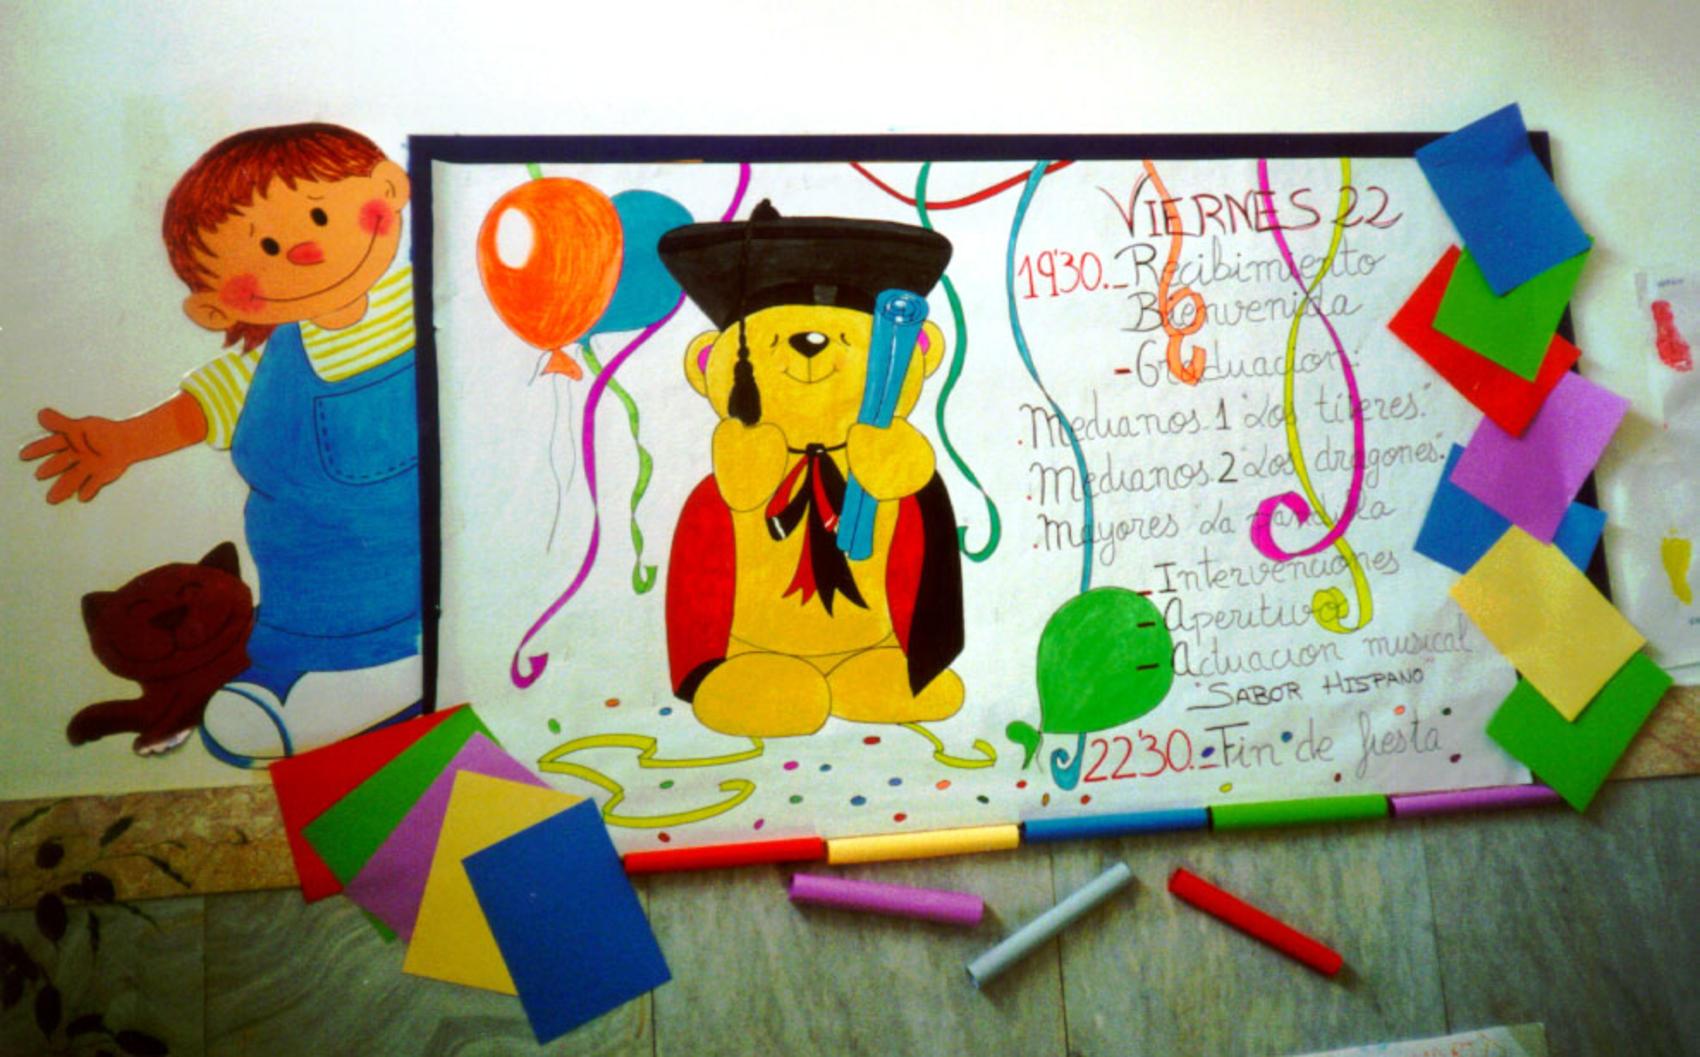 La Diputación abre el plazo para solicitar plazas de guardería infantil